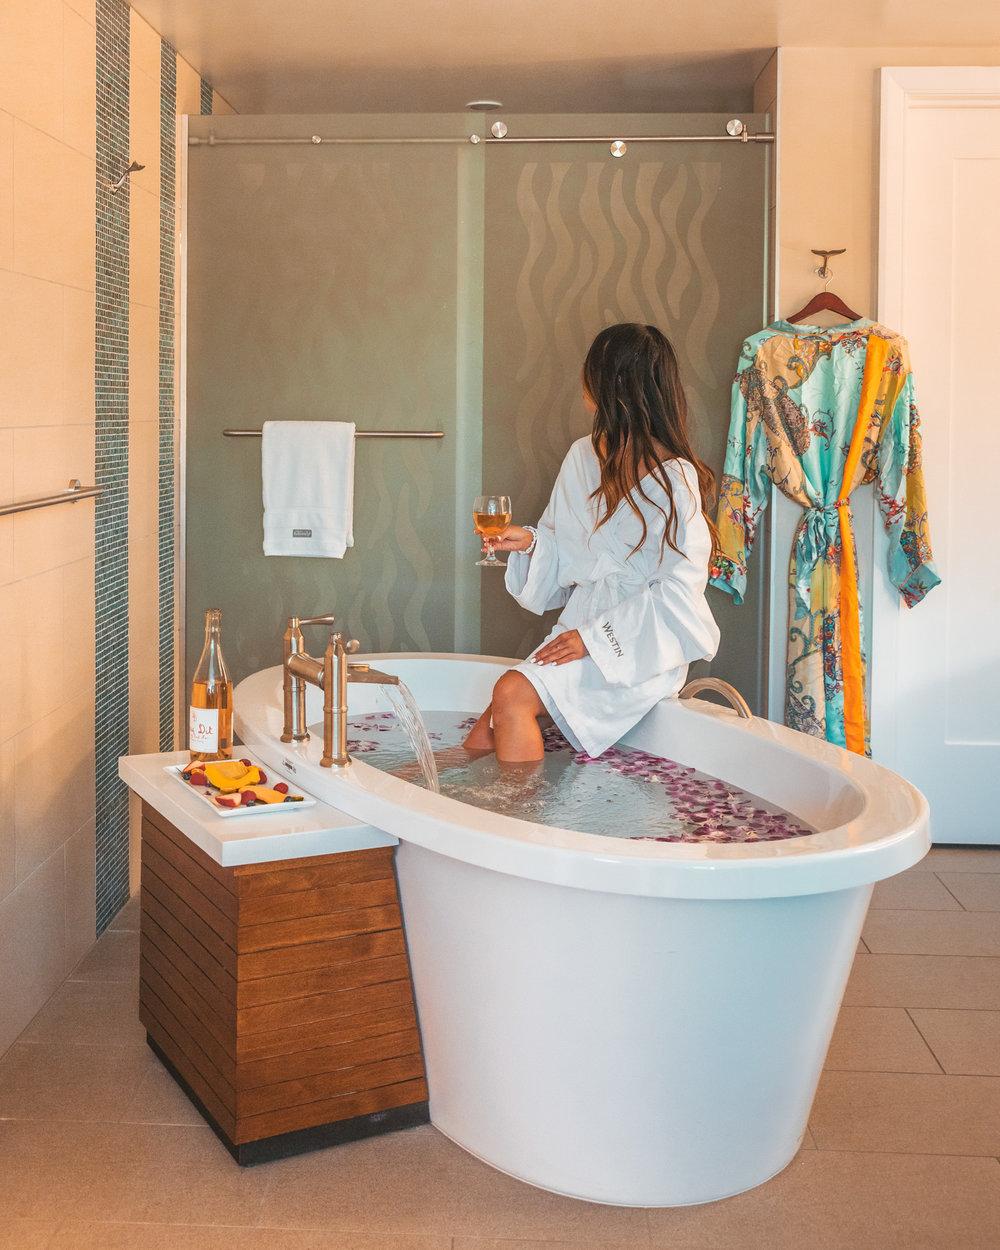 Soaking tub at Westin Nanea // The Quick Guide to Visiting Maui, Hawaii #readysetjetset #hawaii #maui